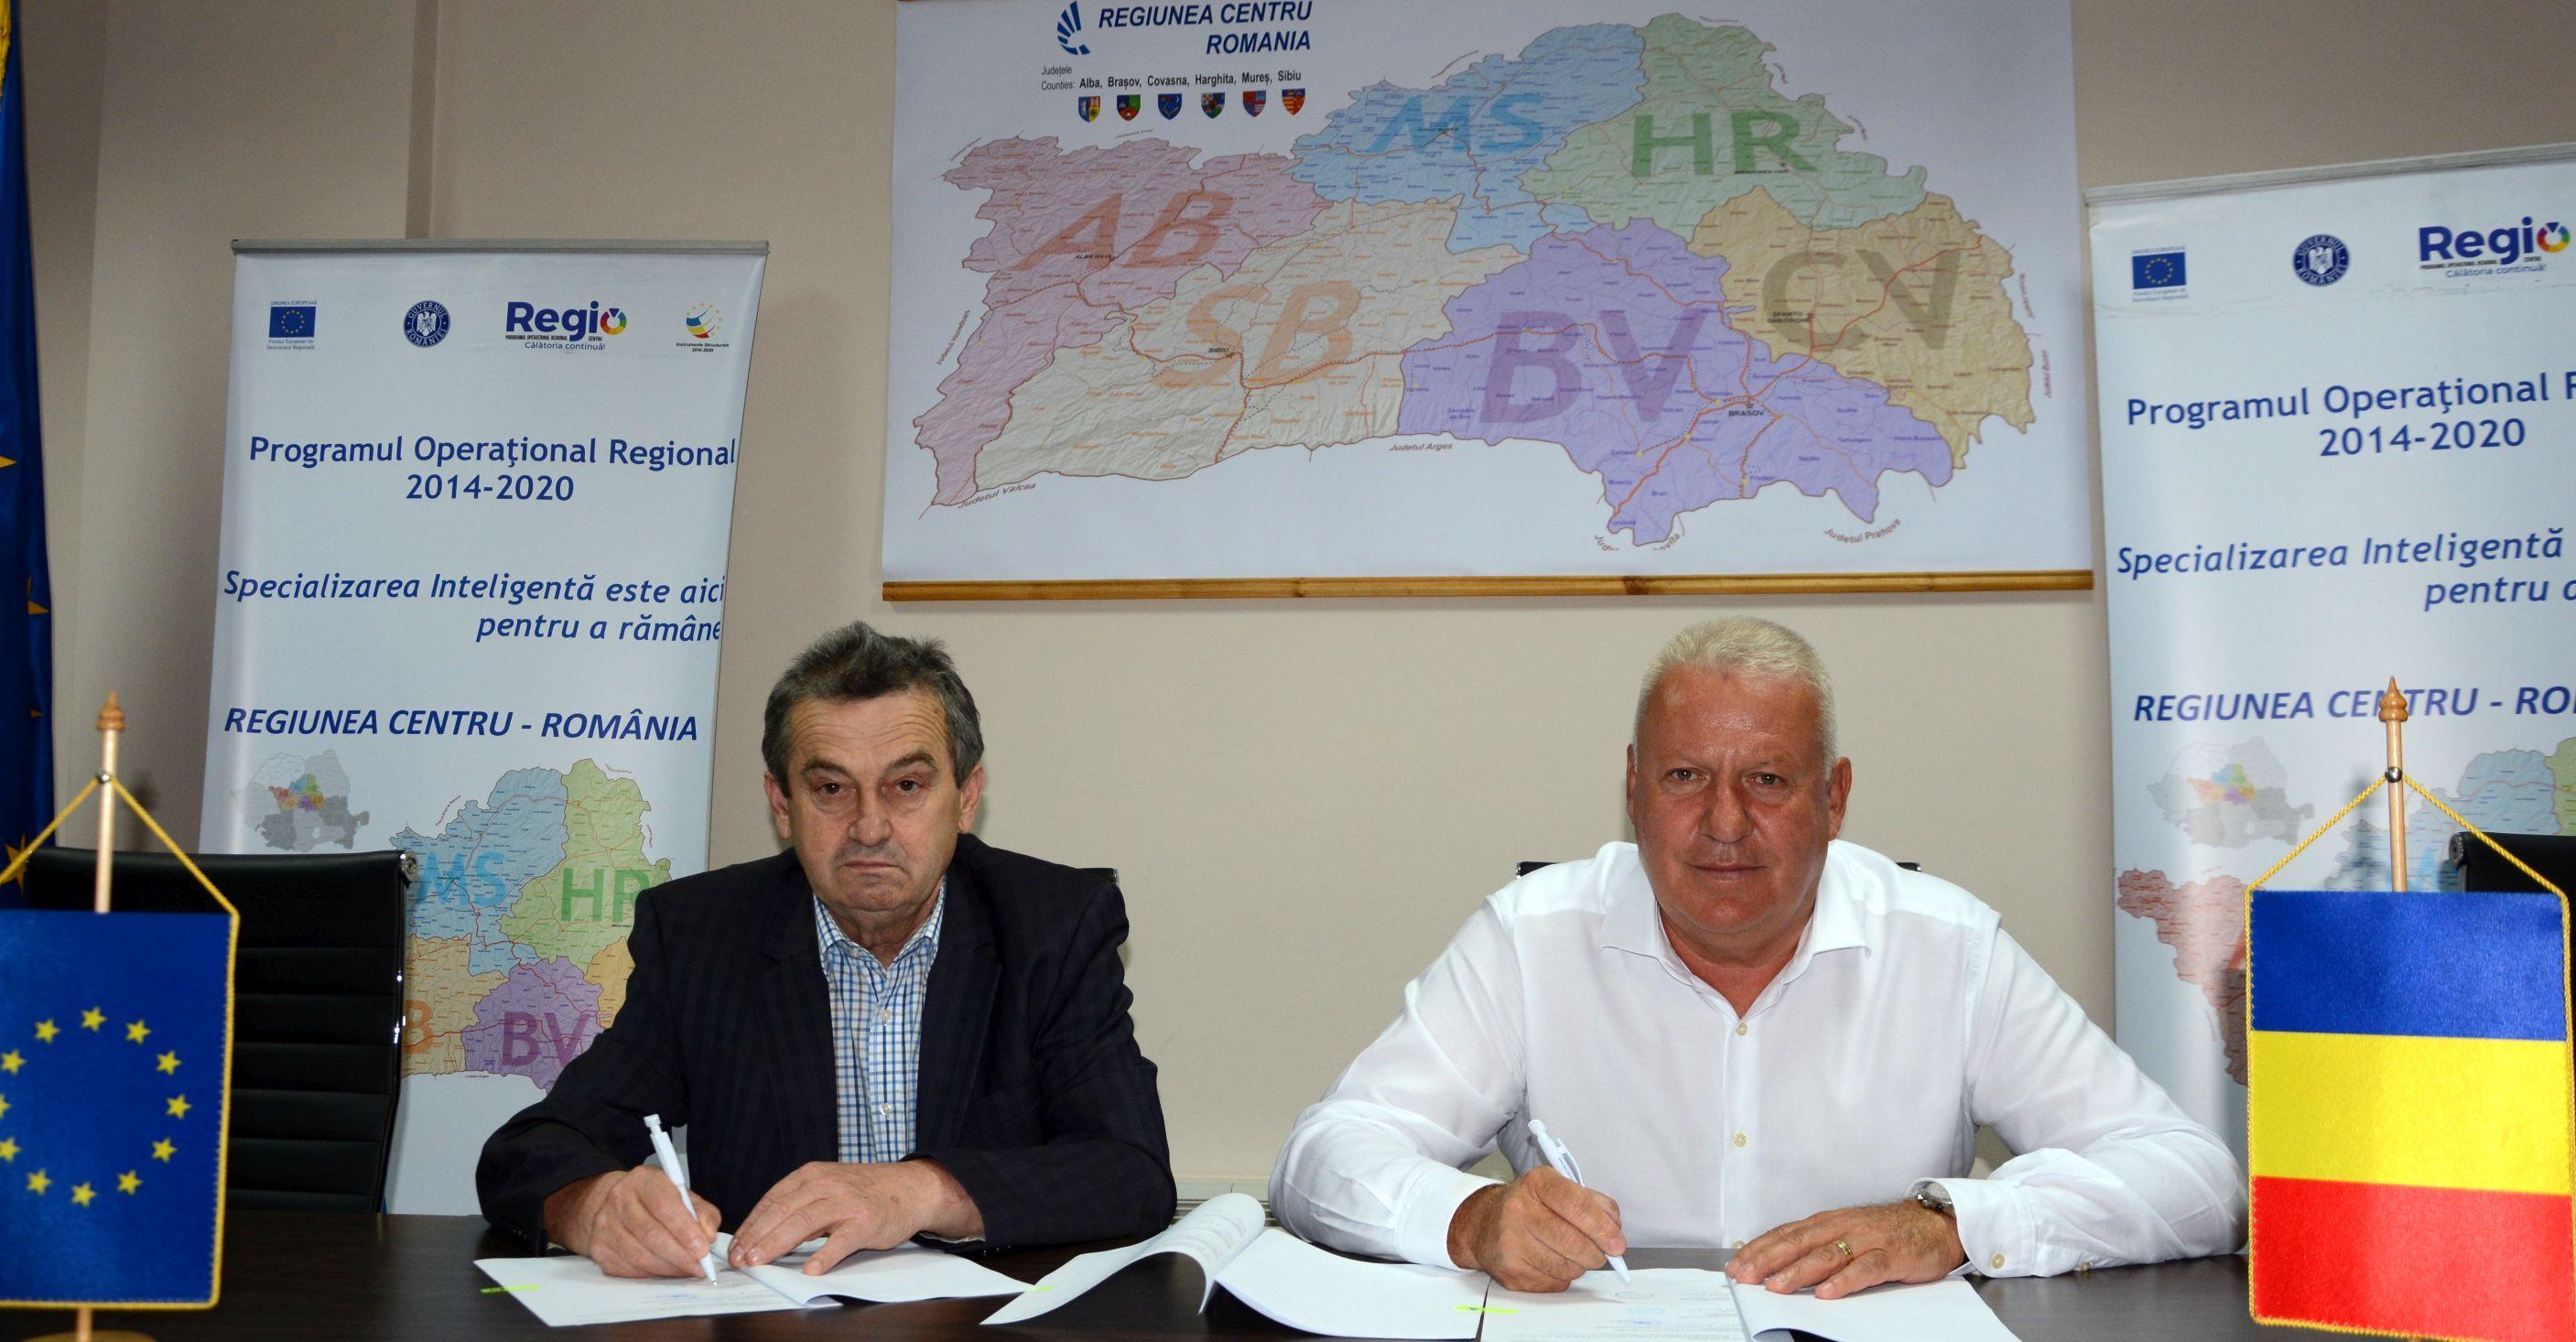 Peste două milioane de euro, Fonduri REGIO, pentru extinderea și modernizarea ambulatoriului spitalului din Blaj